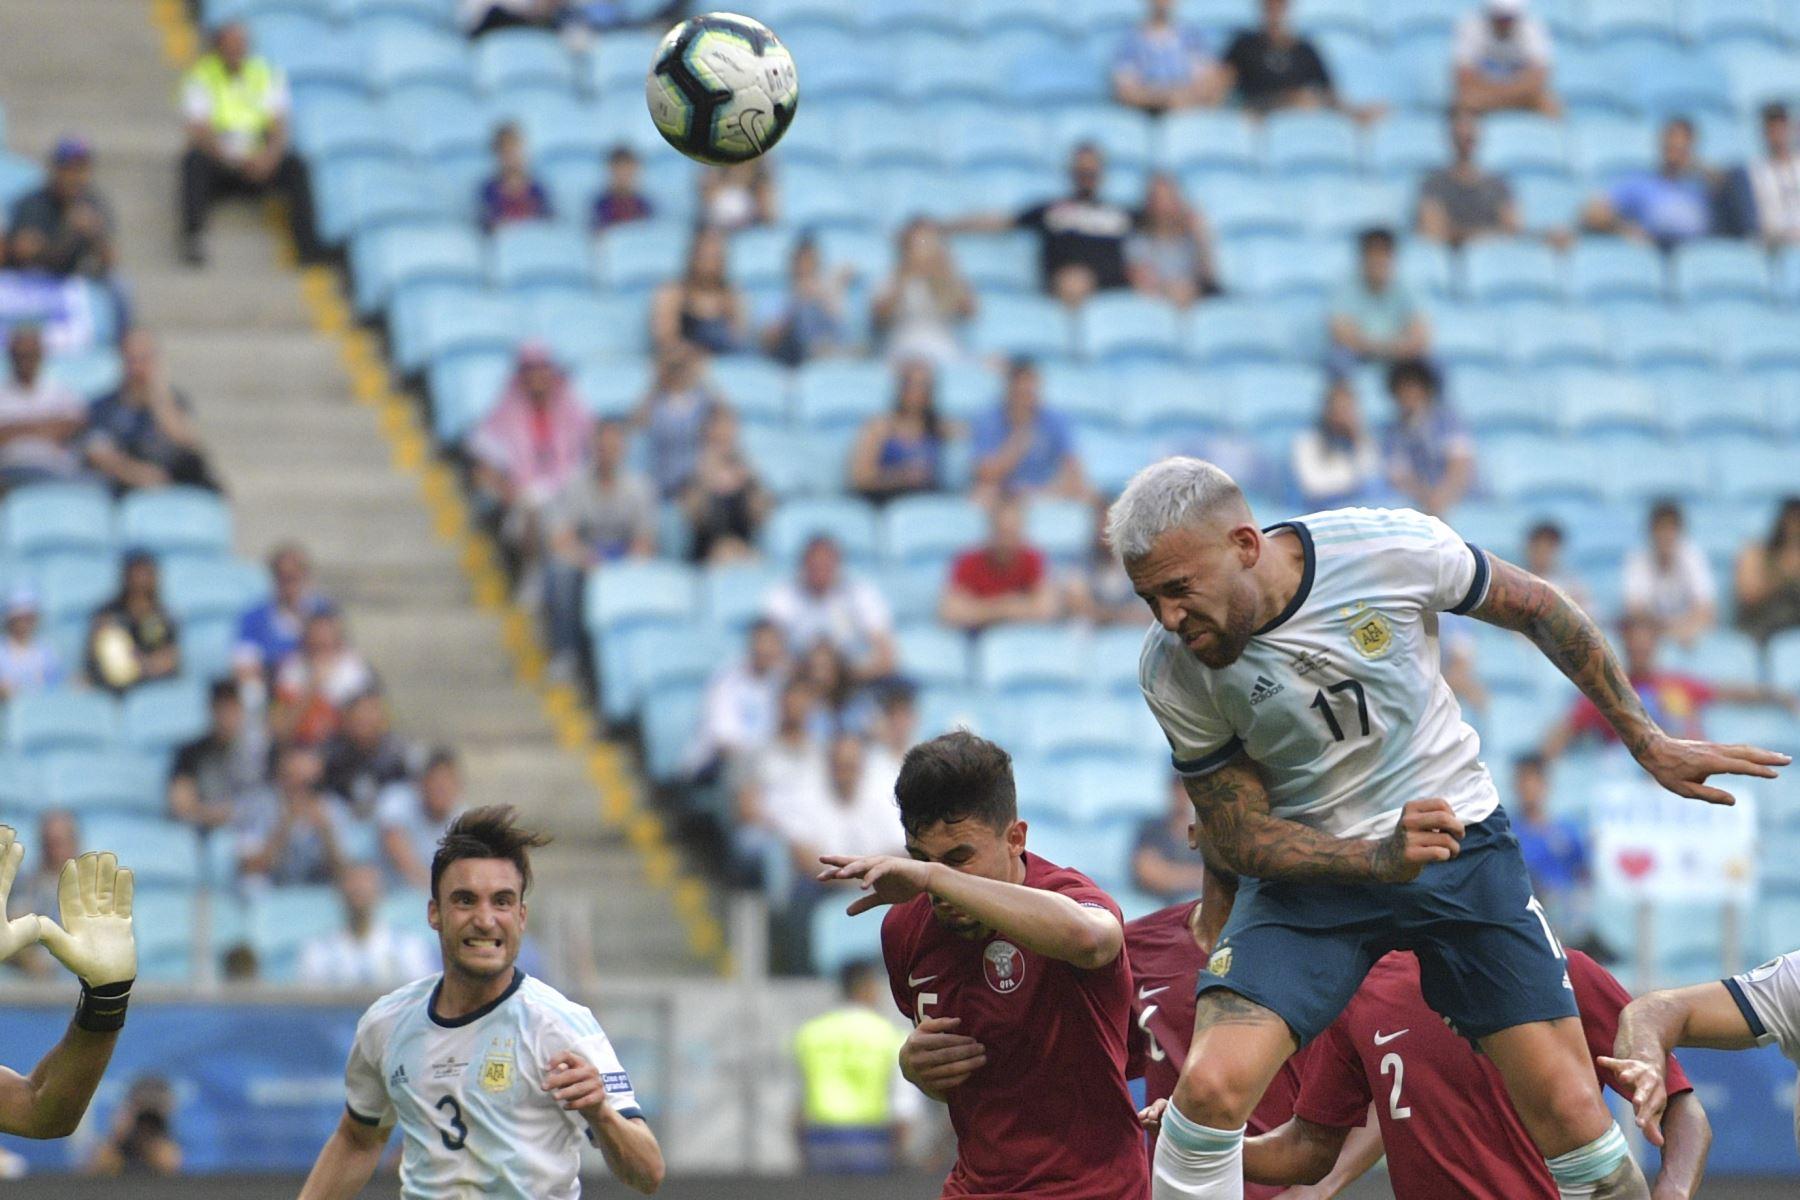 El argentino Nicolas Otamendi (R) encabeza el balón superado por Bassam Al-Rawi de Qatar durante su partido de torneo de fútbol de la Copa América en el Gremio Arena en Porto Alegre, Brasil. Foto:AFP